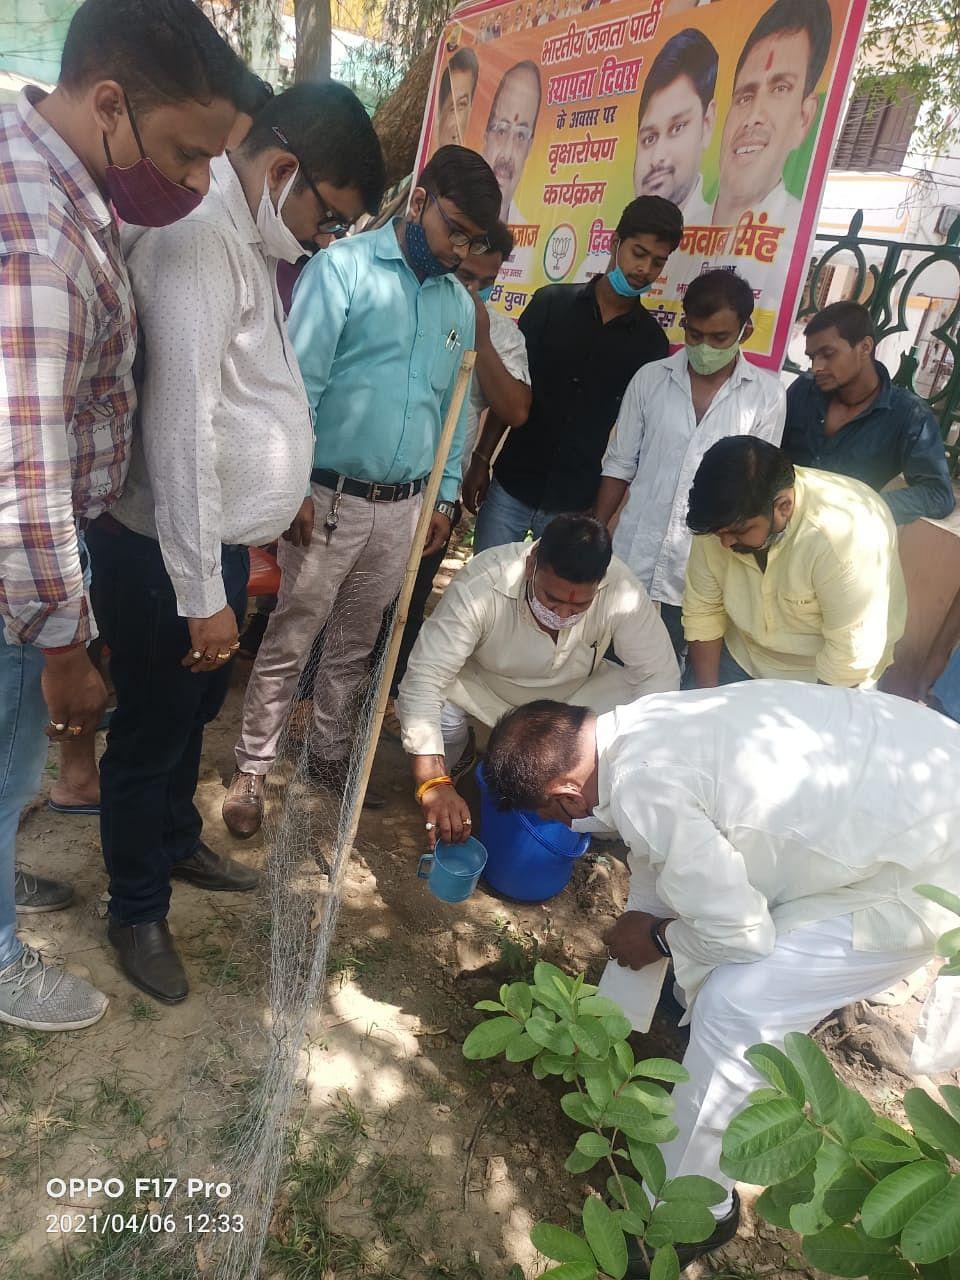 भाजपा के 41वें स्थापना दिवस पर पौधरोपण कर पार्टी को मजबूत करने का लिया संकल्प